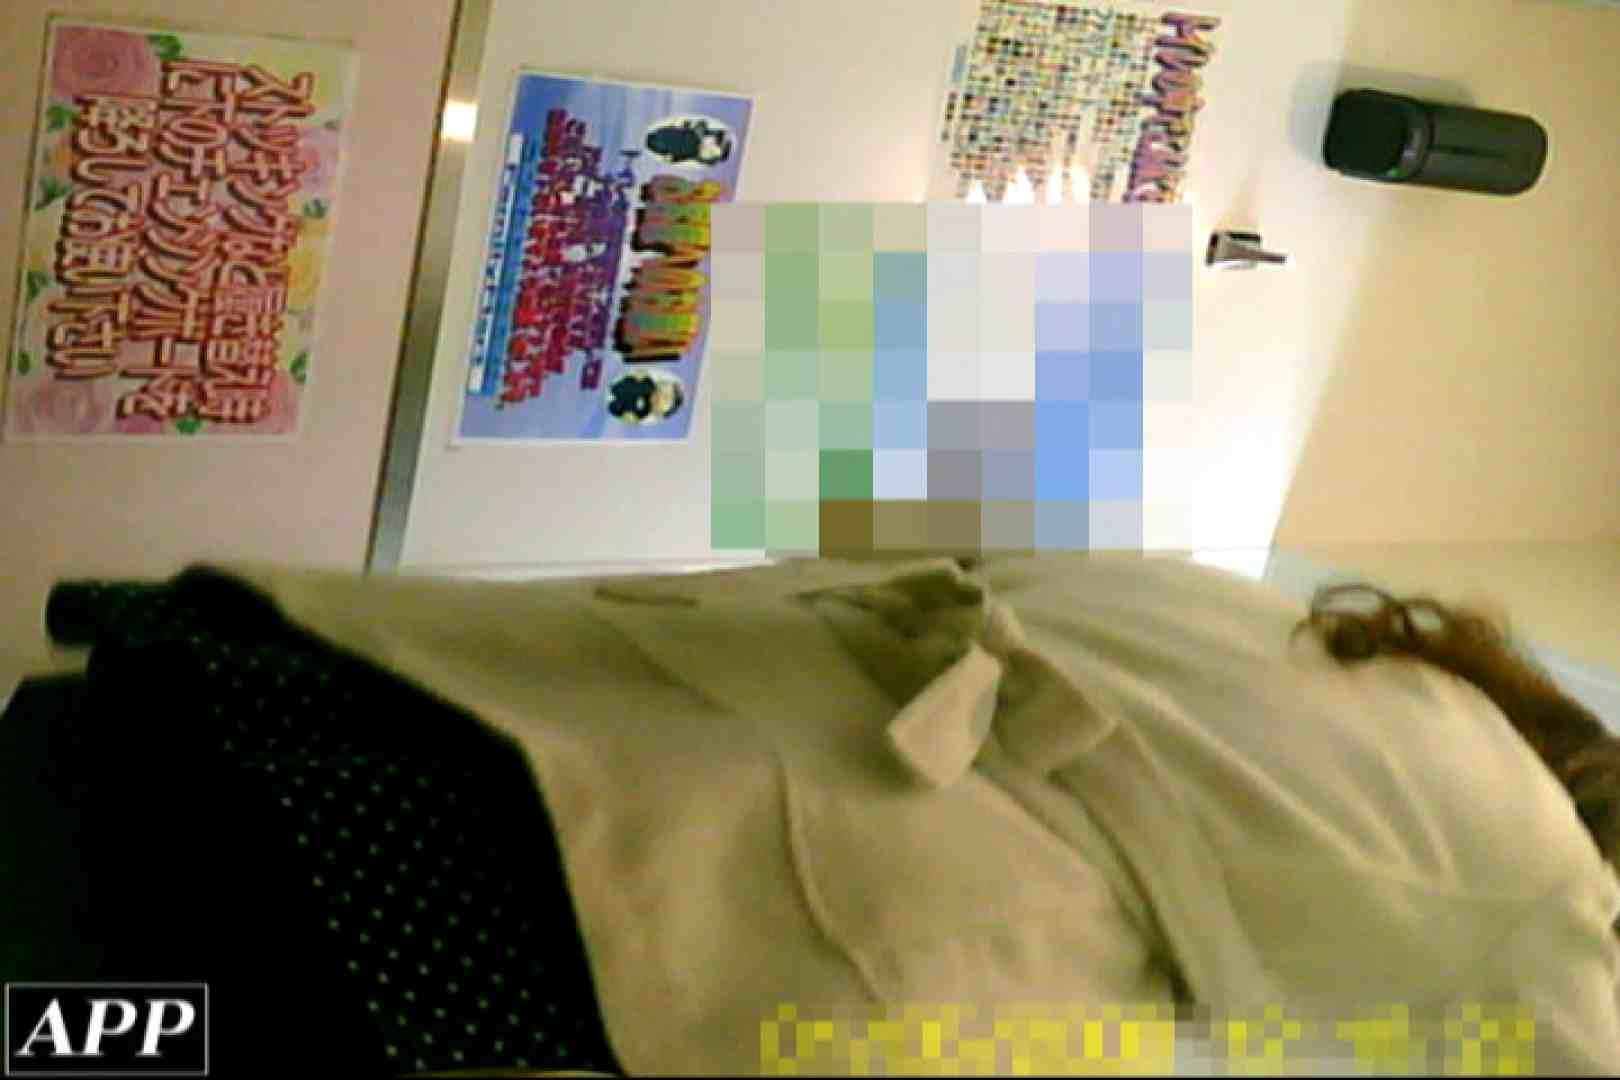 3視点洗面所 vol.40 洗面所 | 盗撮で悶絶  99画像 99